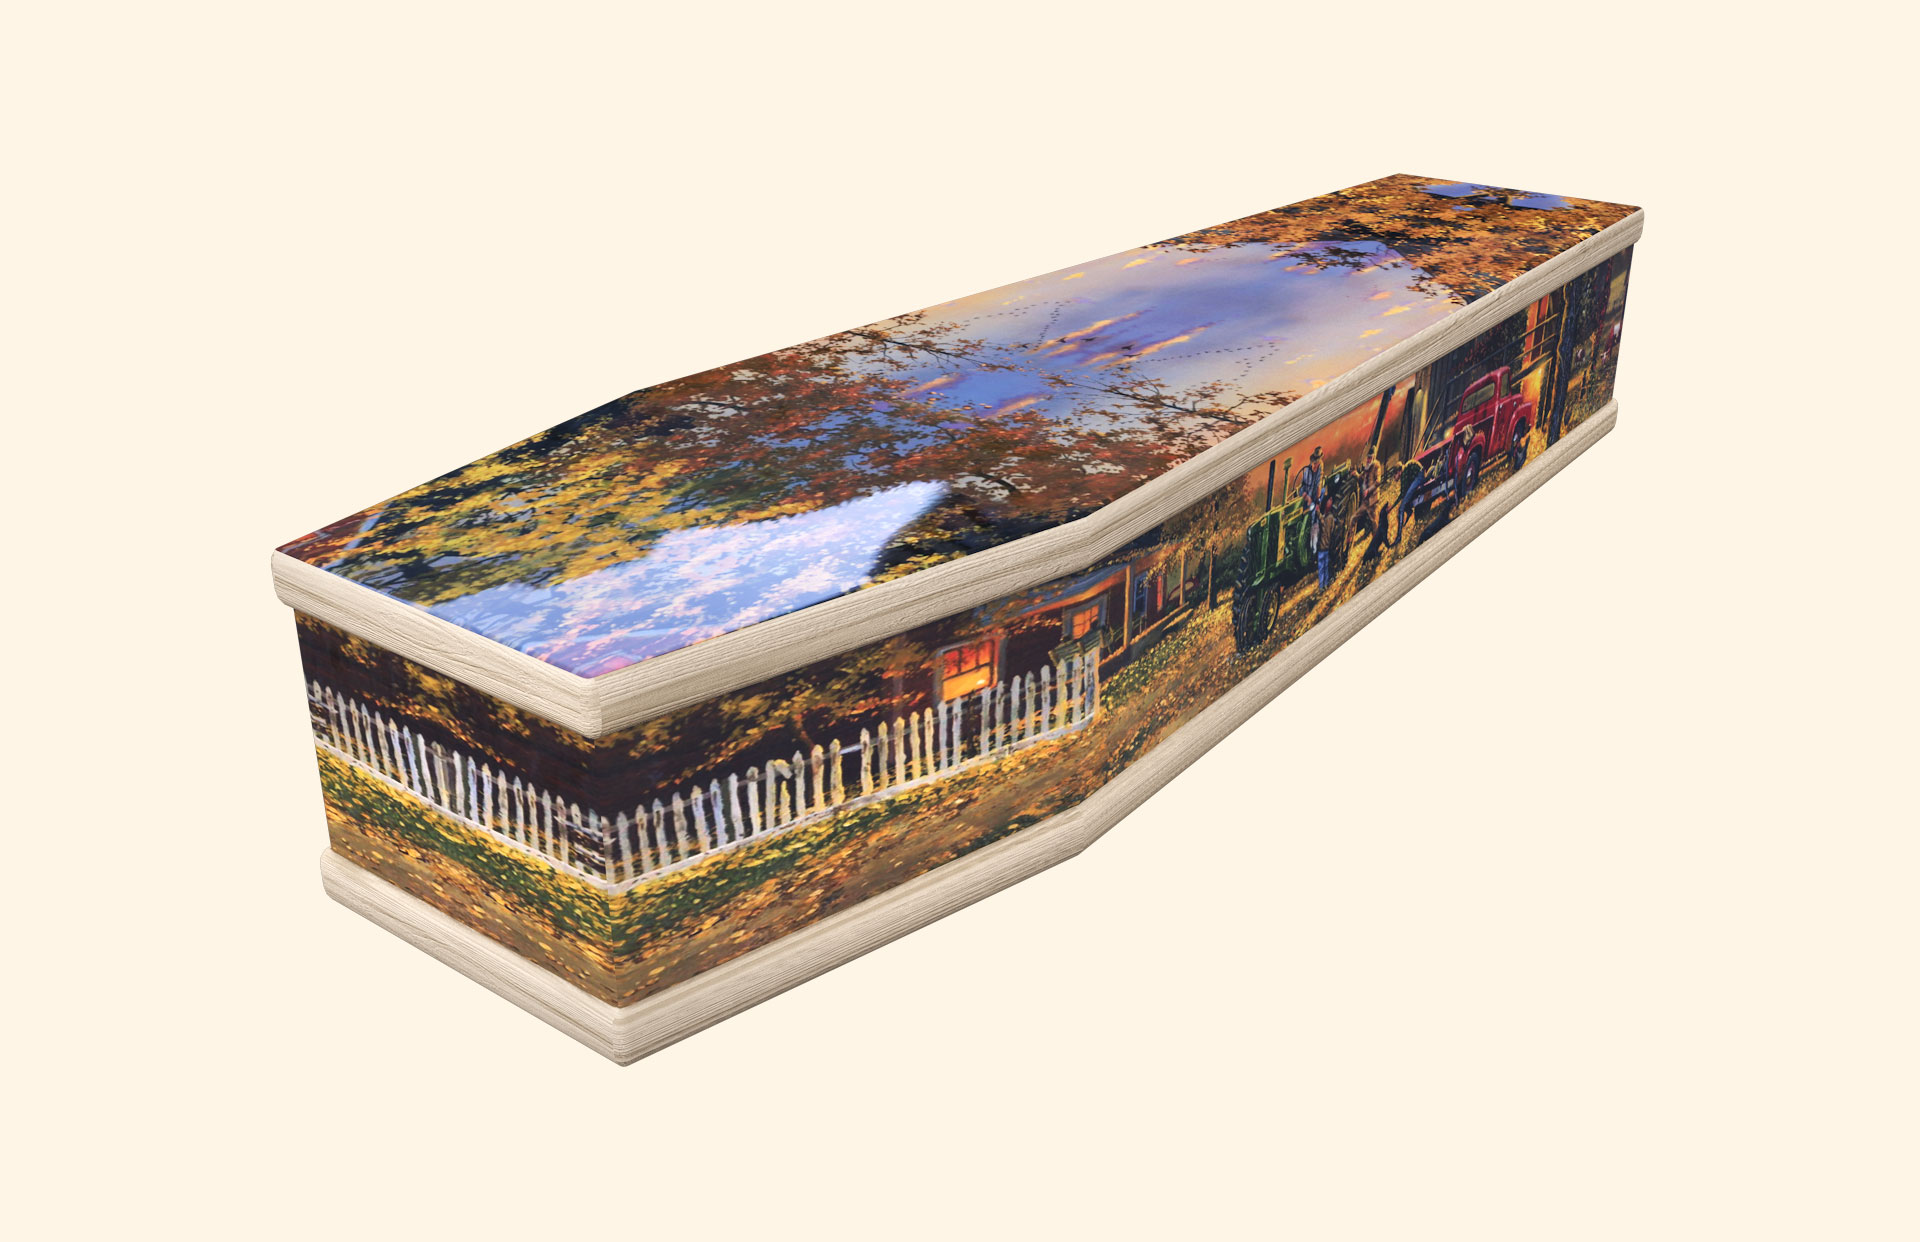 Farm Life Classic coffin